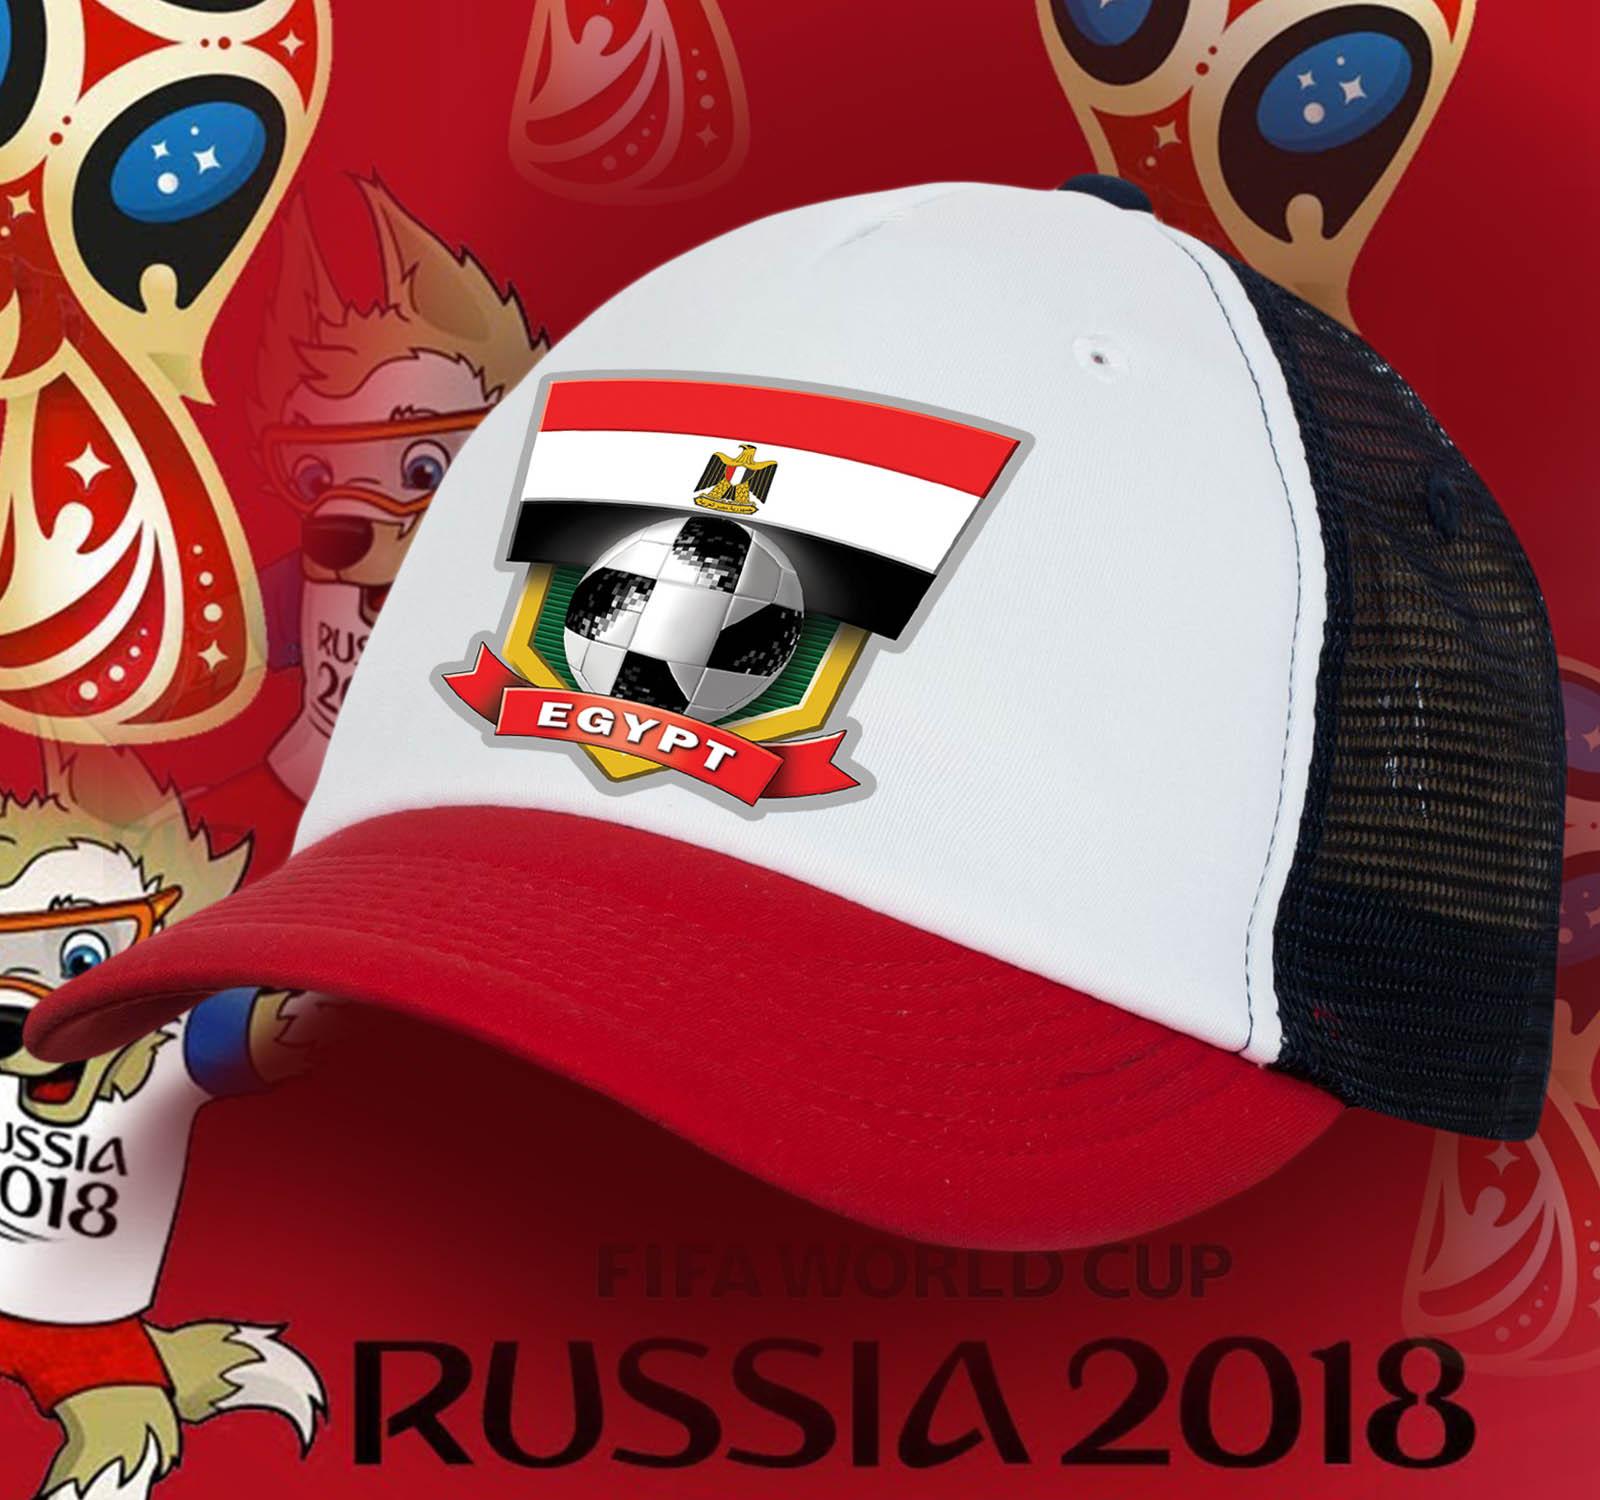 Зачетная фанатская бейсболка сборной Egypt